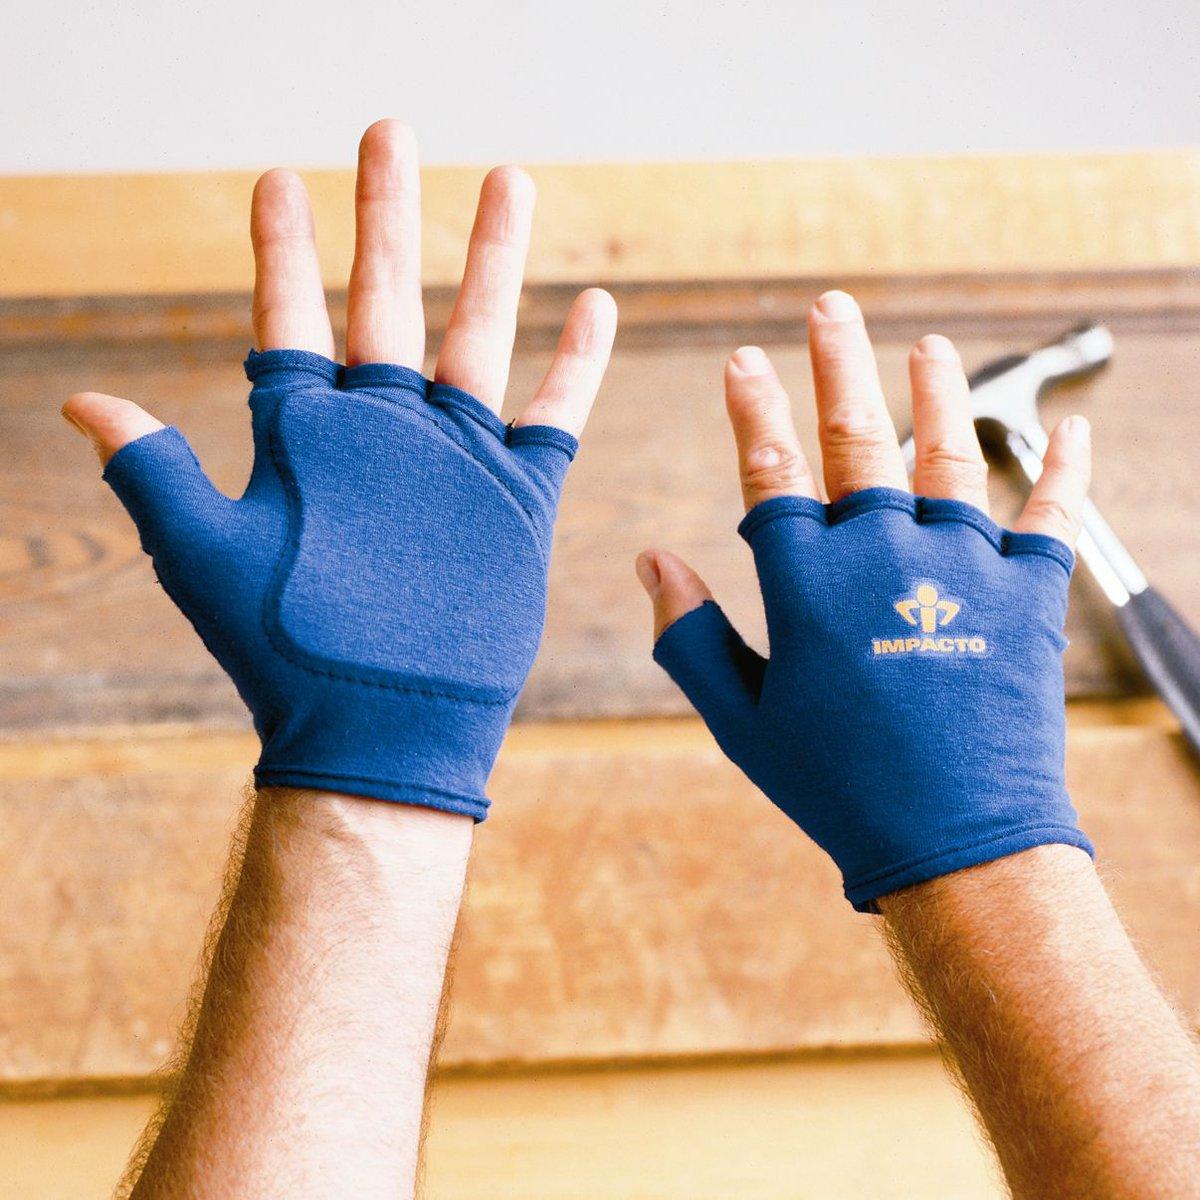 Fingerless impact gloves - Mechanic Gloves